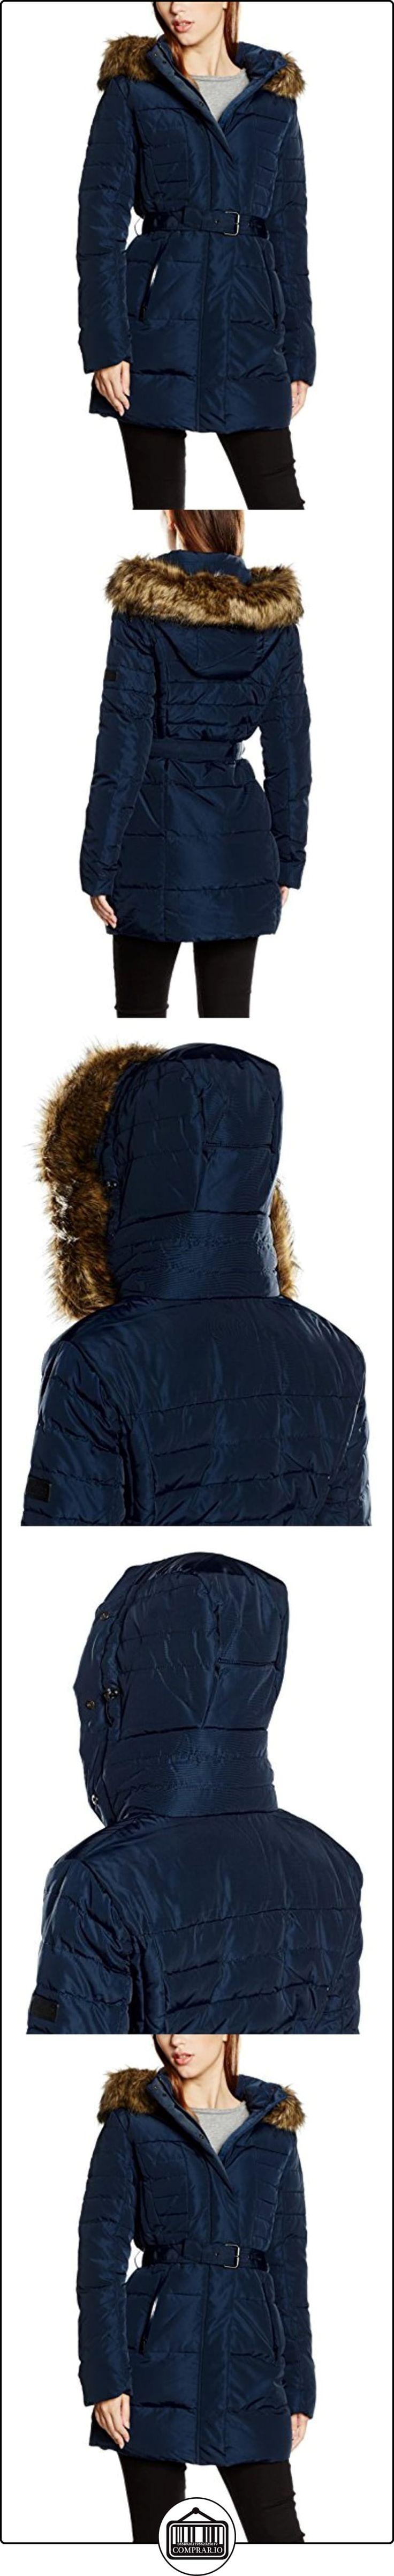 Pepe Jeans Betsy, Abrigo Mujer, Azul (Admiral), 42 (Talla del fabricante: Large)  ✿ Abrigos y chaquetas ✿